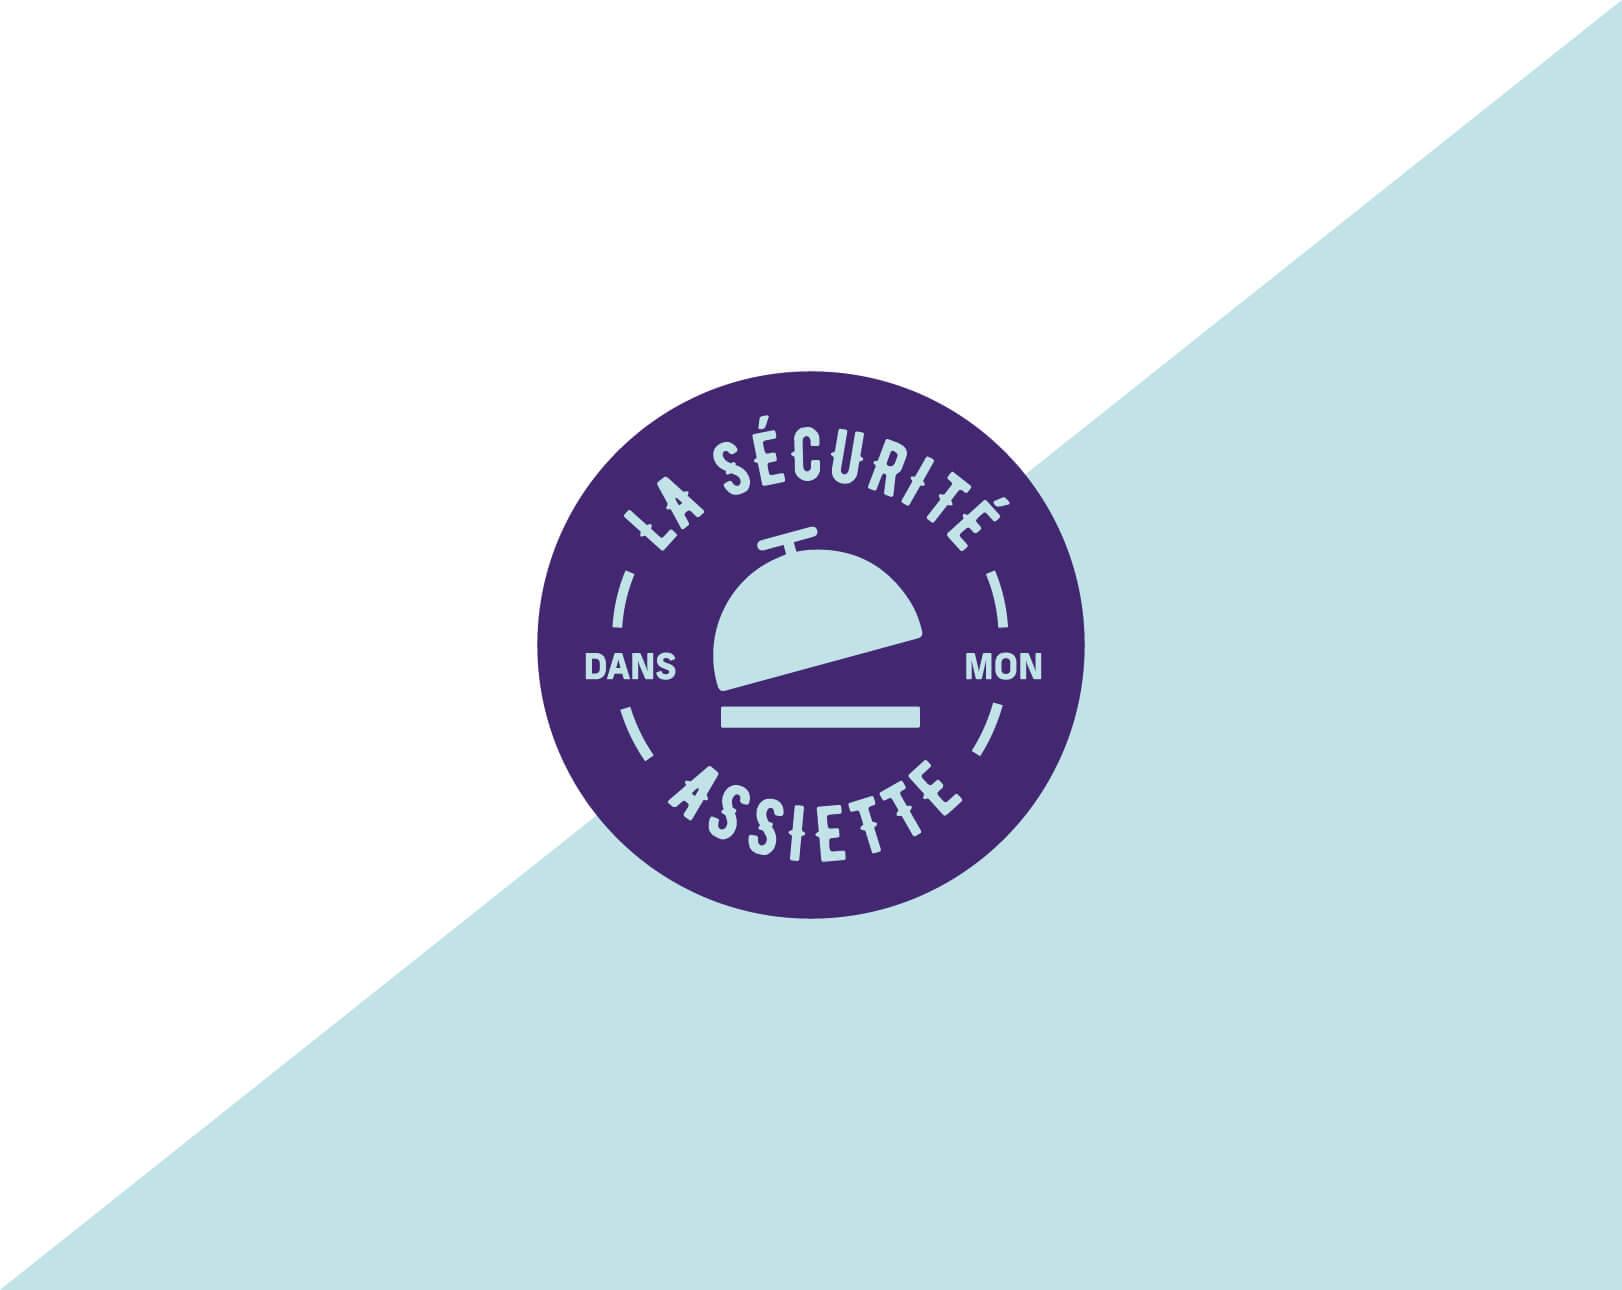 Ministère de la Protection des consommateurs - La Sécurité dans mon assiette